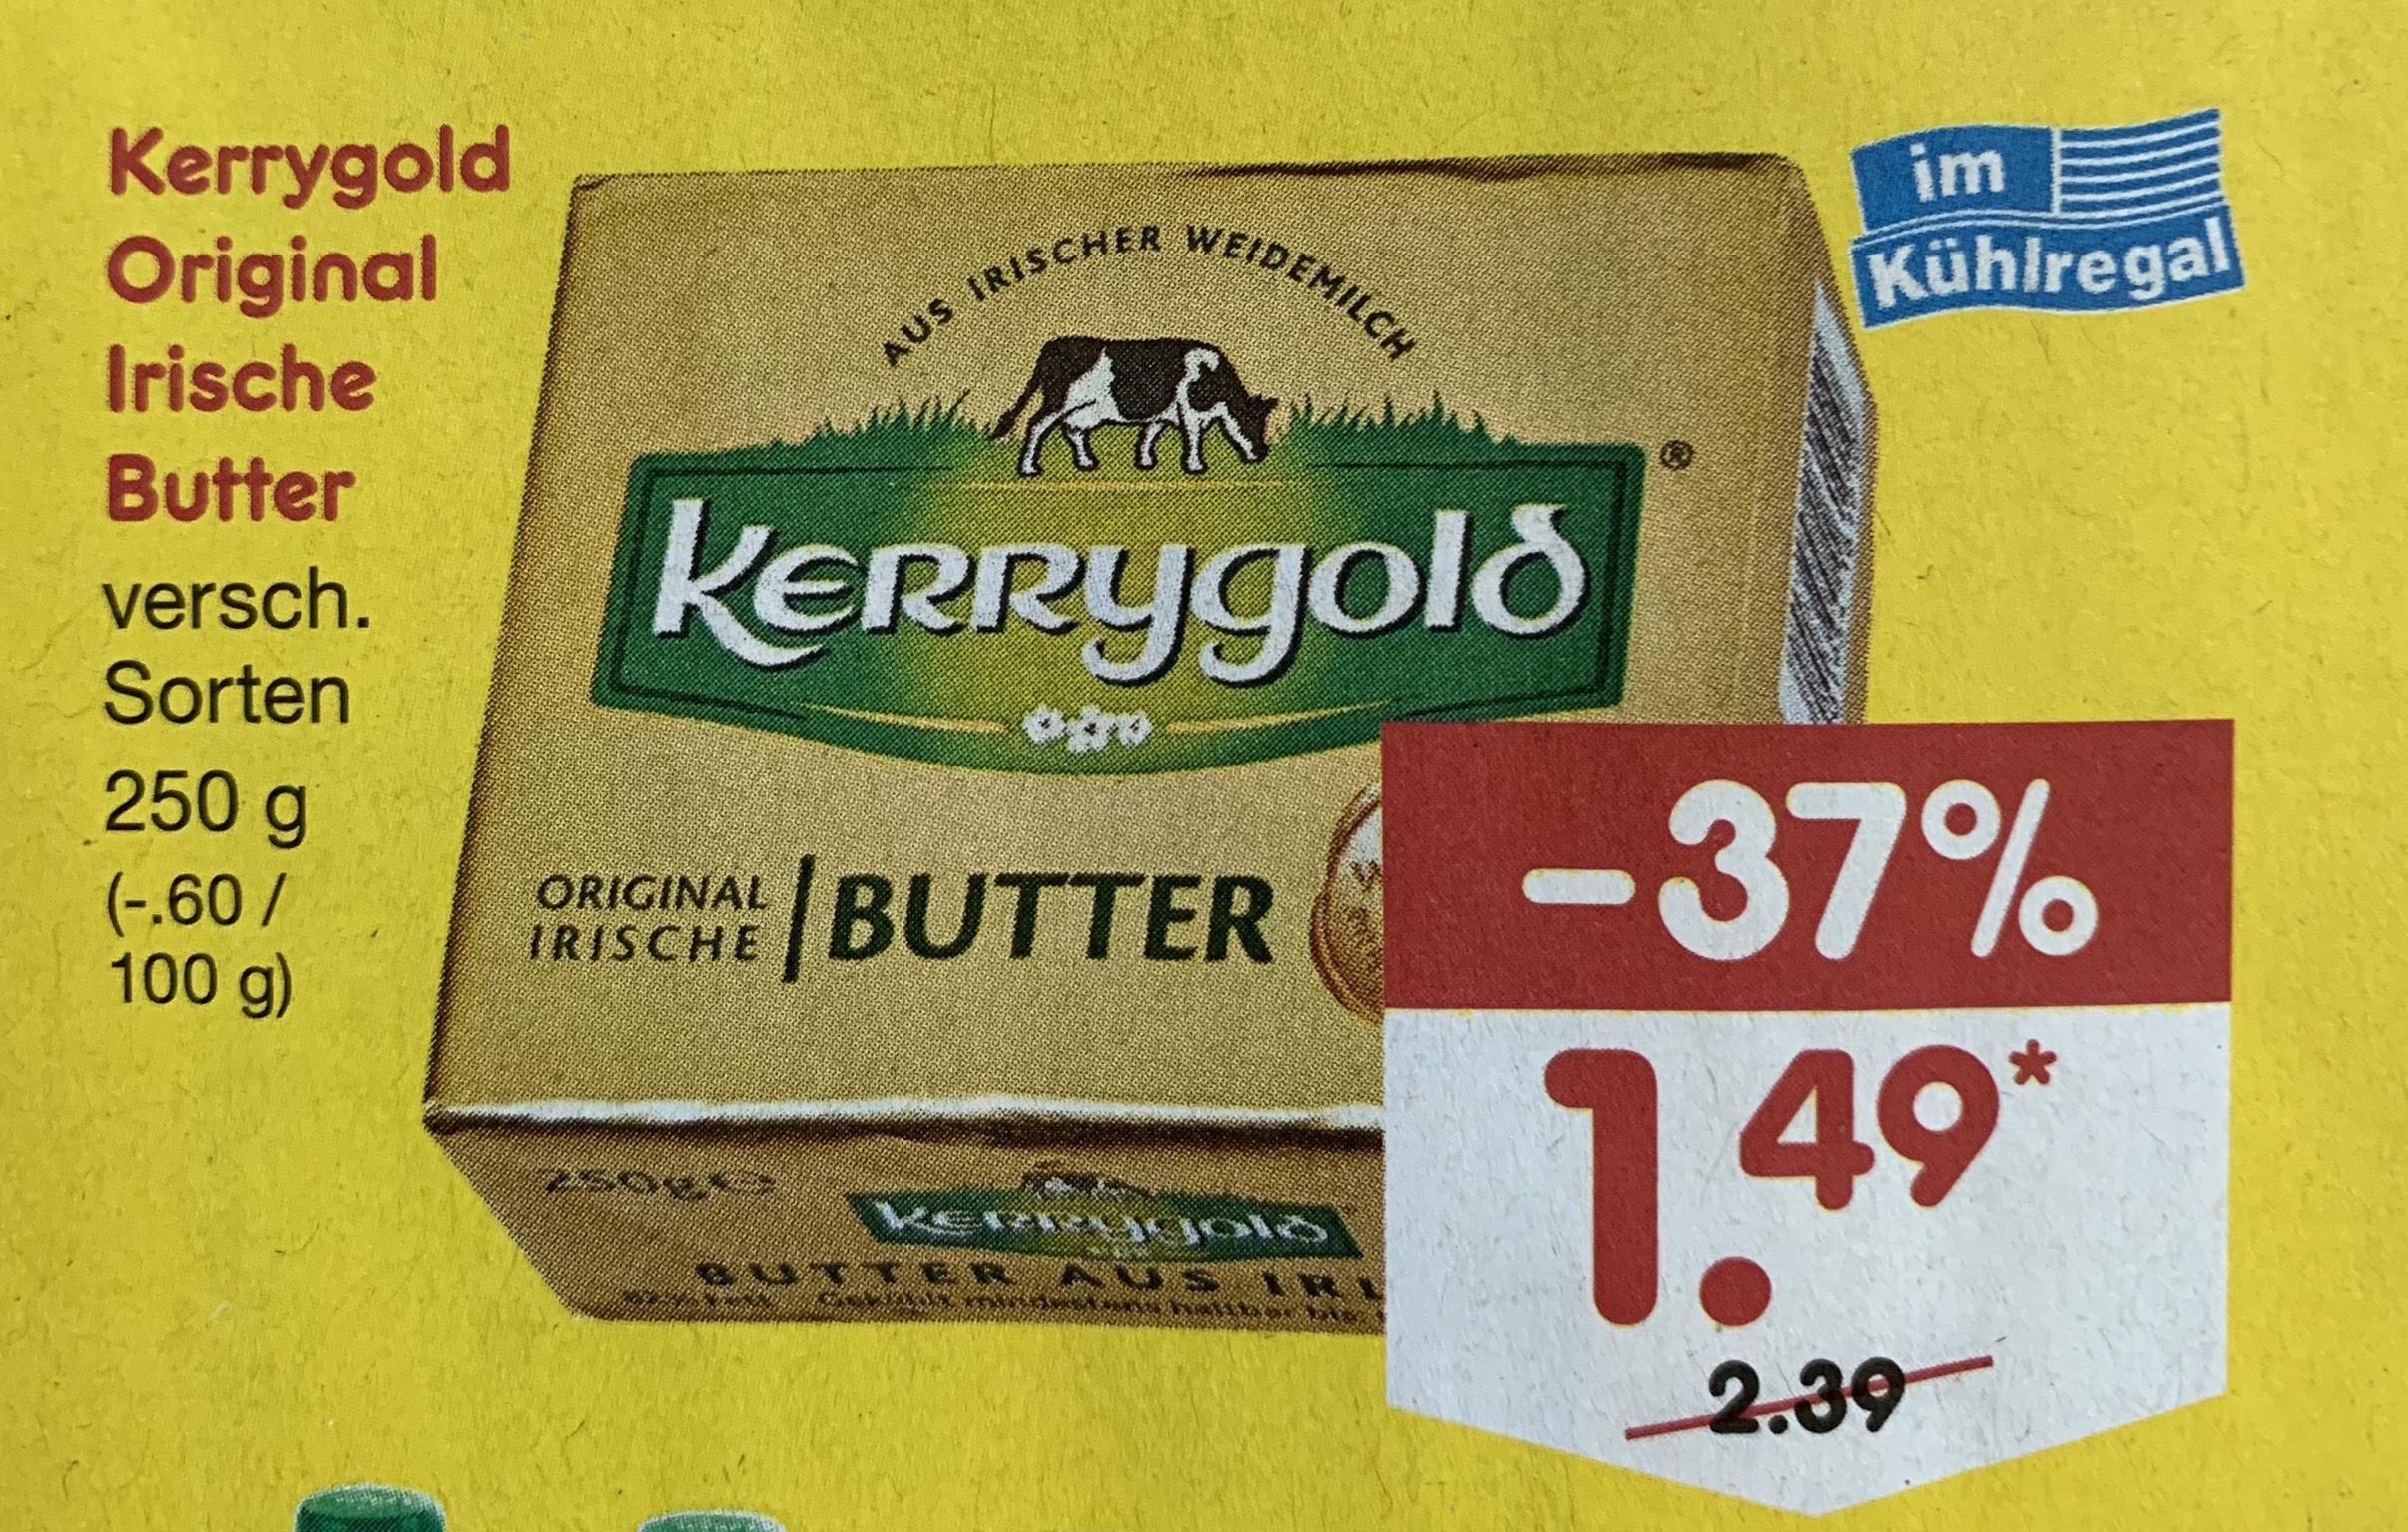 [Netto MD] Kerrygold Original Irische Butter für 1.49€ ab Montag 22.07.2019